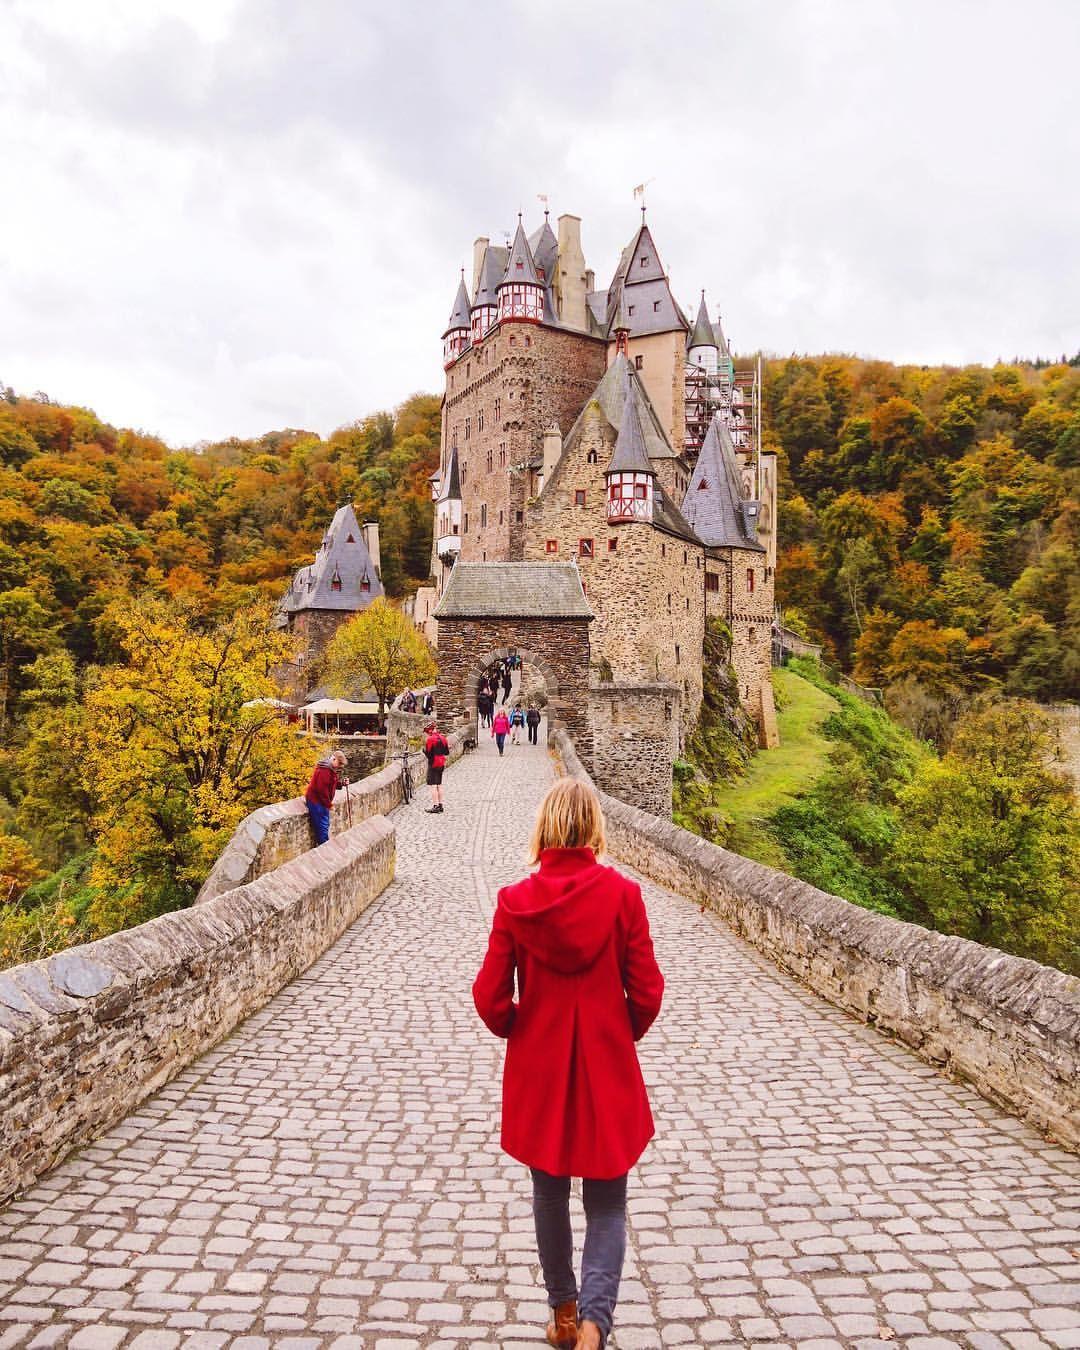 Die Burg Eltz In Deutschland Ist Immer Wieder Eine Reise Wert Aber Besonders Jetzt Im Herbst Mit Den Bunt Travel Inspiration City Trip Switzerland Travel